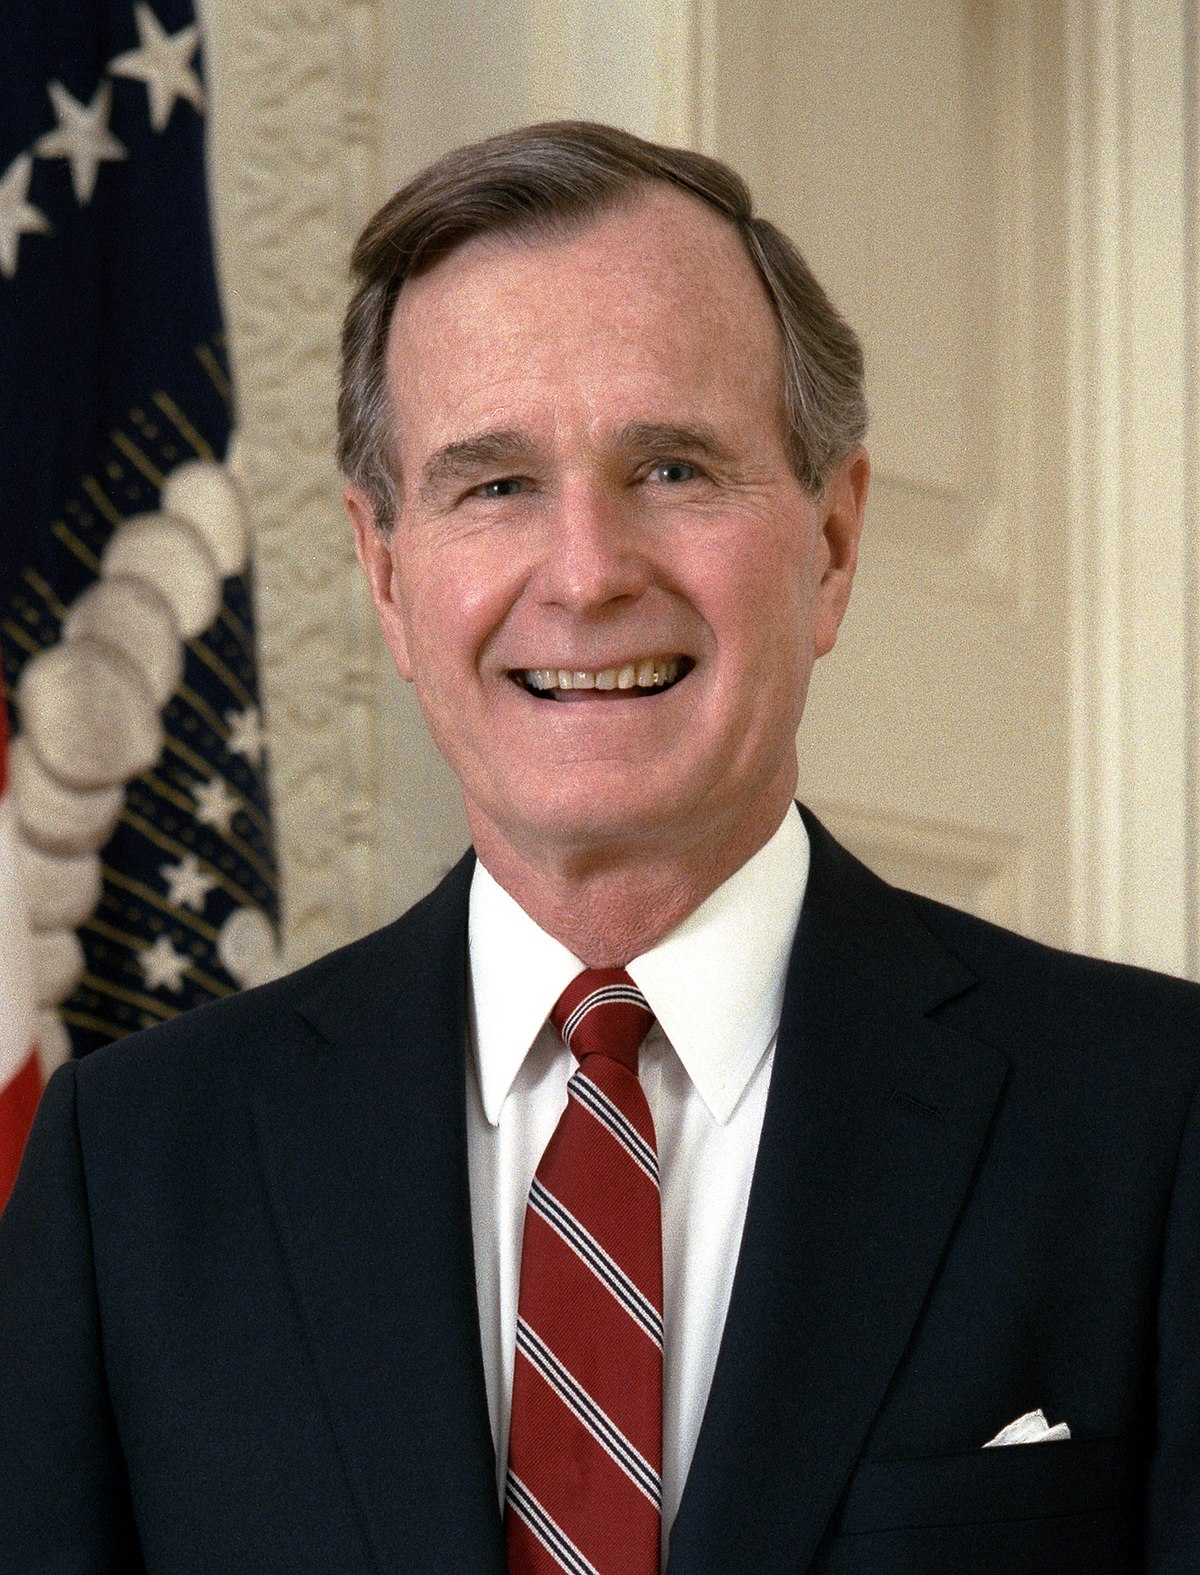 George W. Bush: Birthday